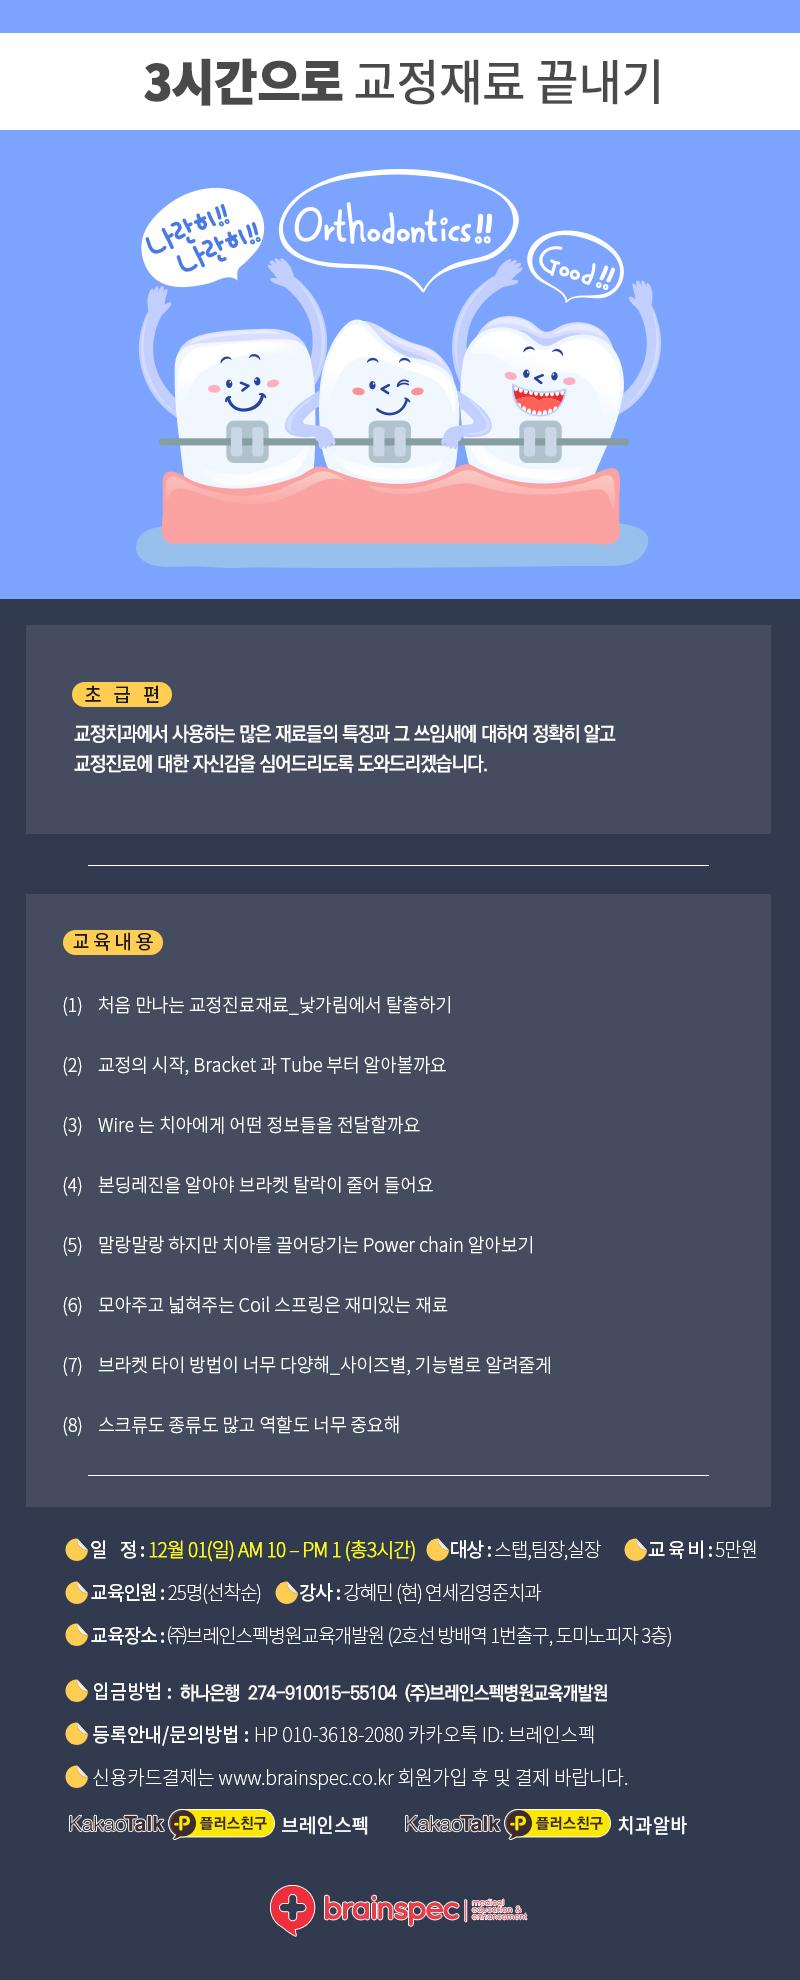 2019-12-01 3시간으로 교정재료 끝내기_강혜민.jpg